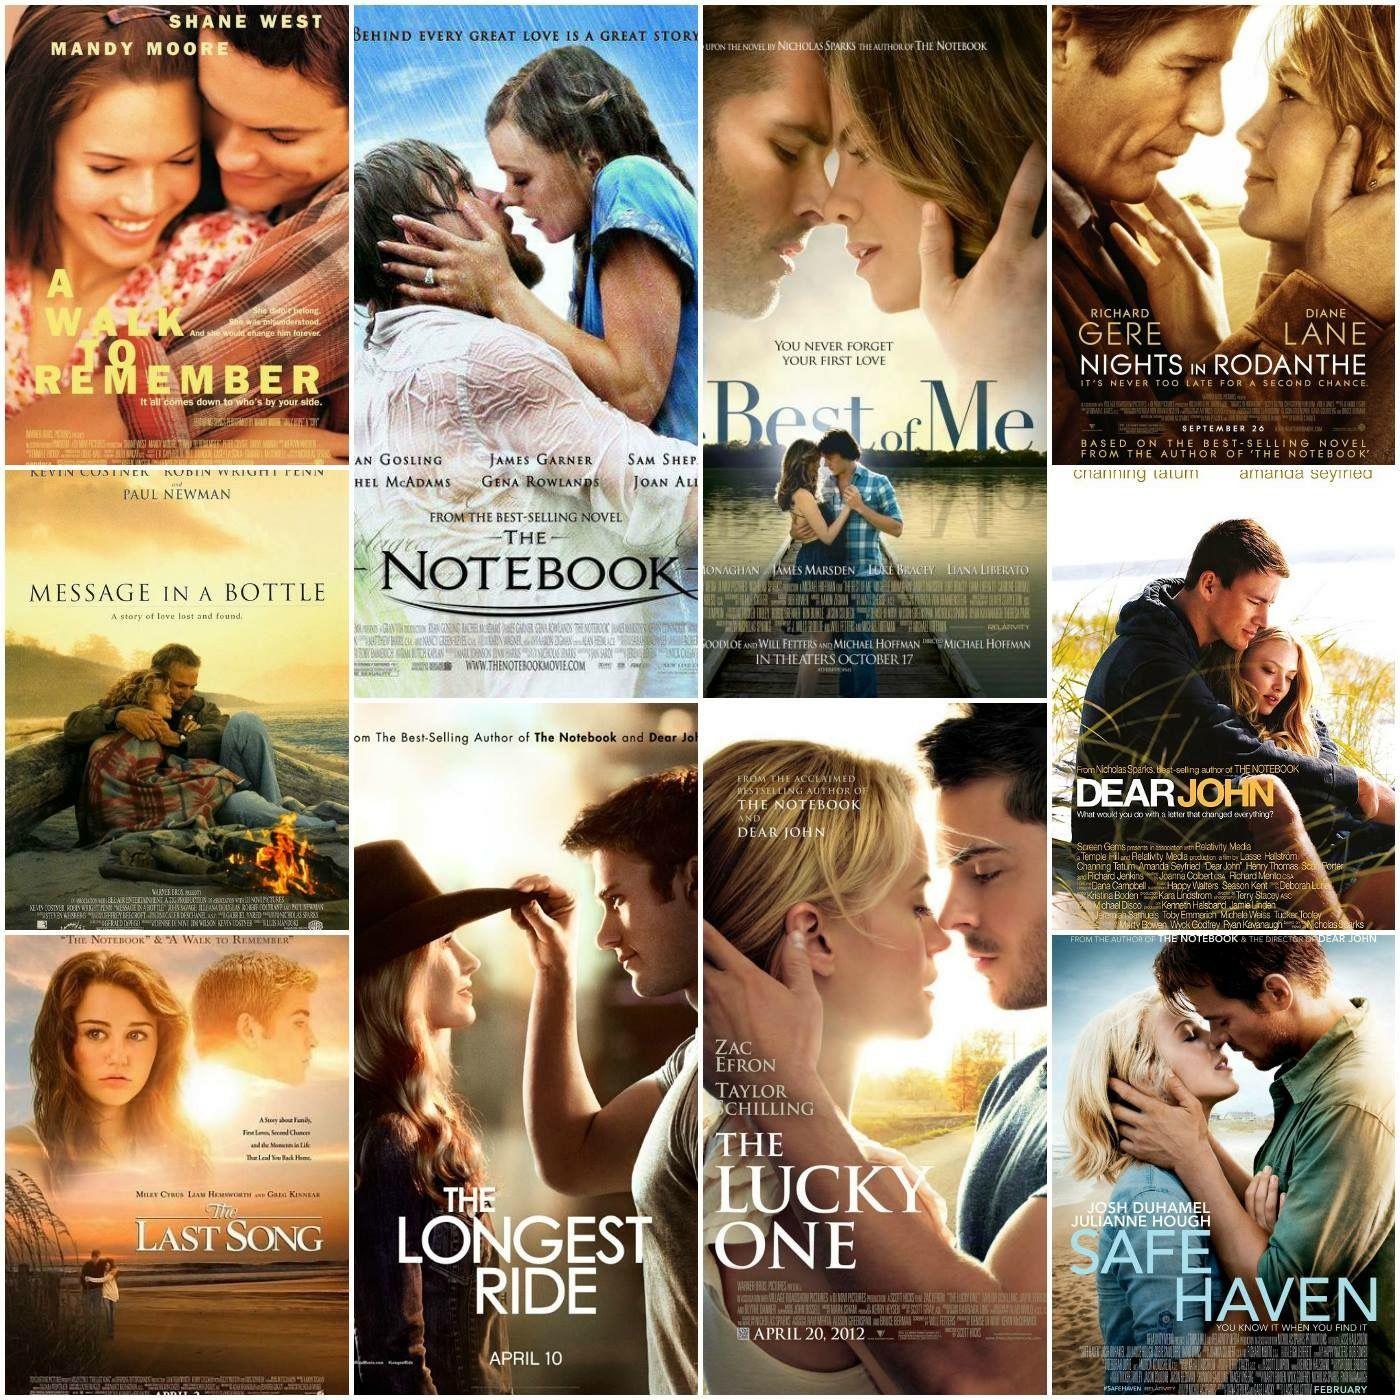 Pin by Heidi Fagan on Movies | Nicholas sparks movies